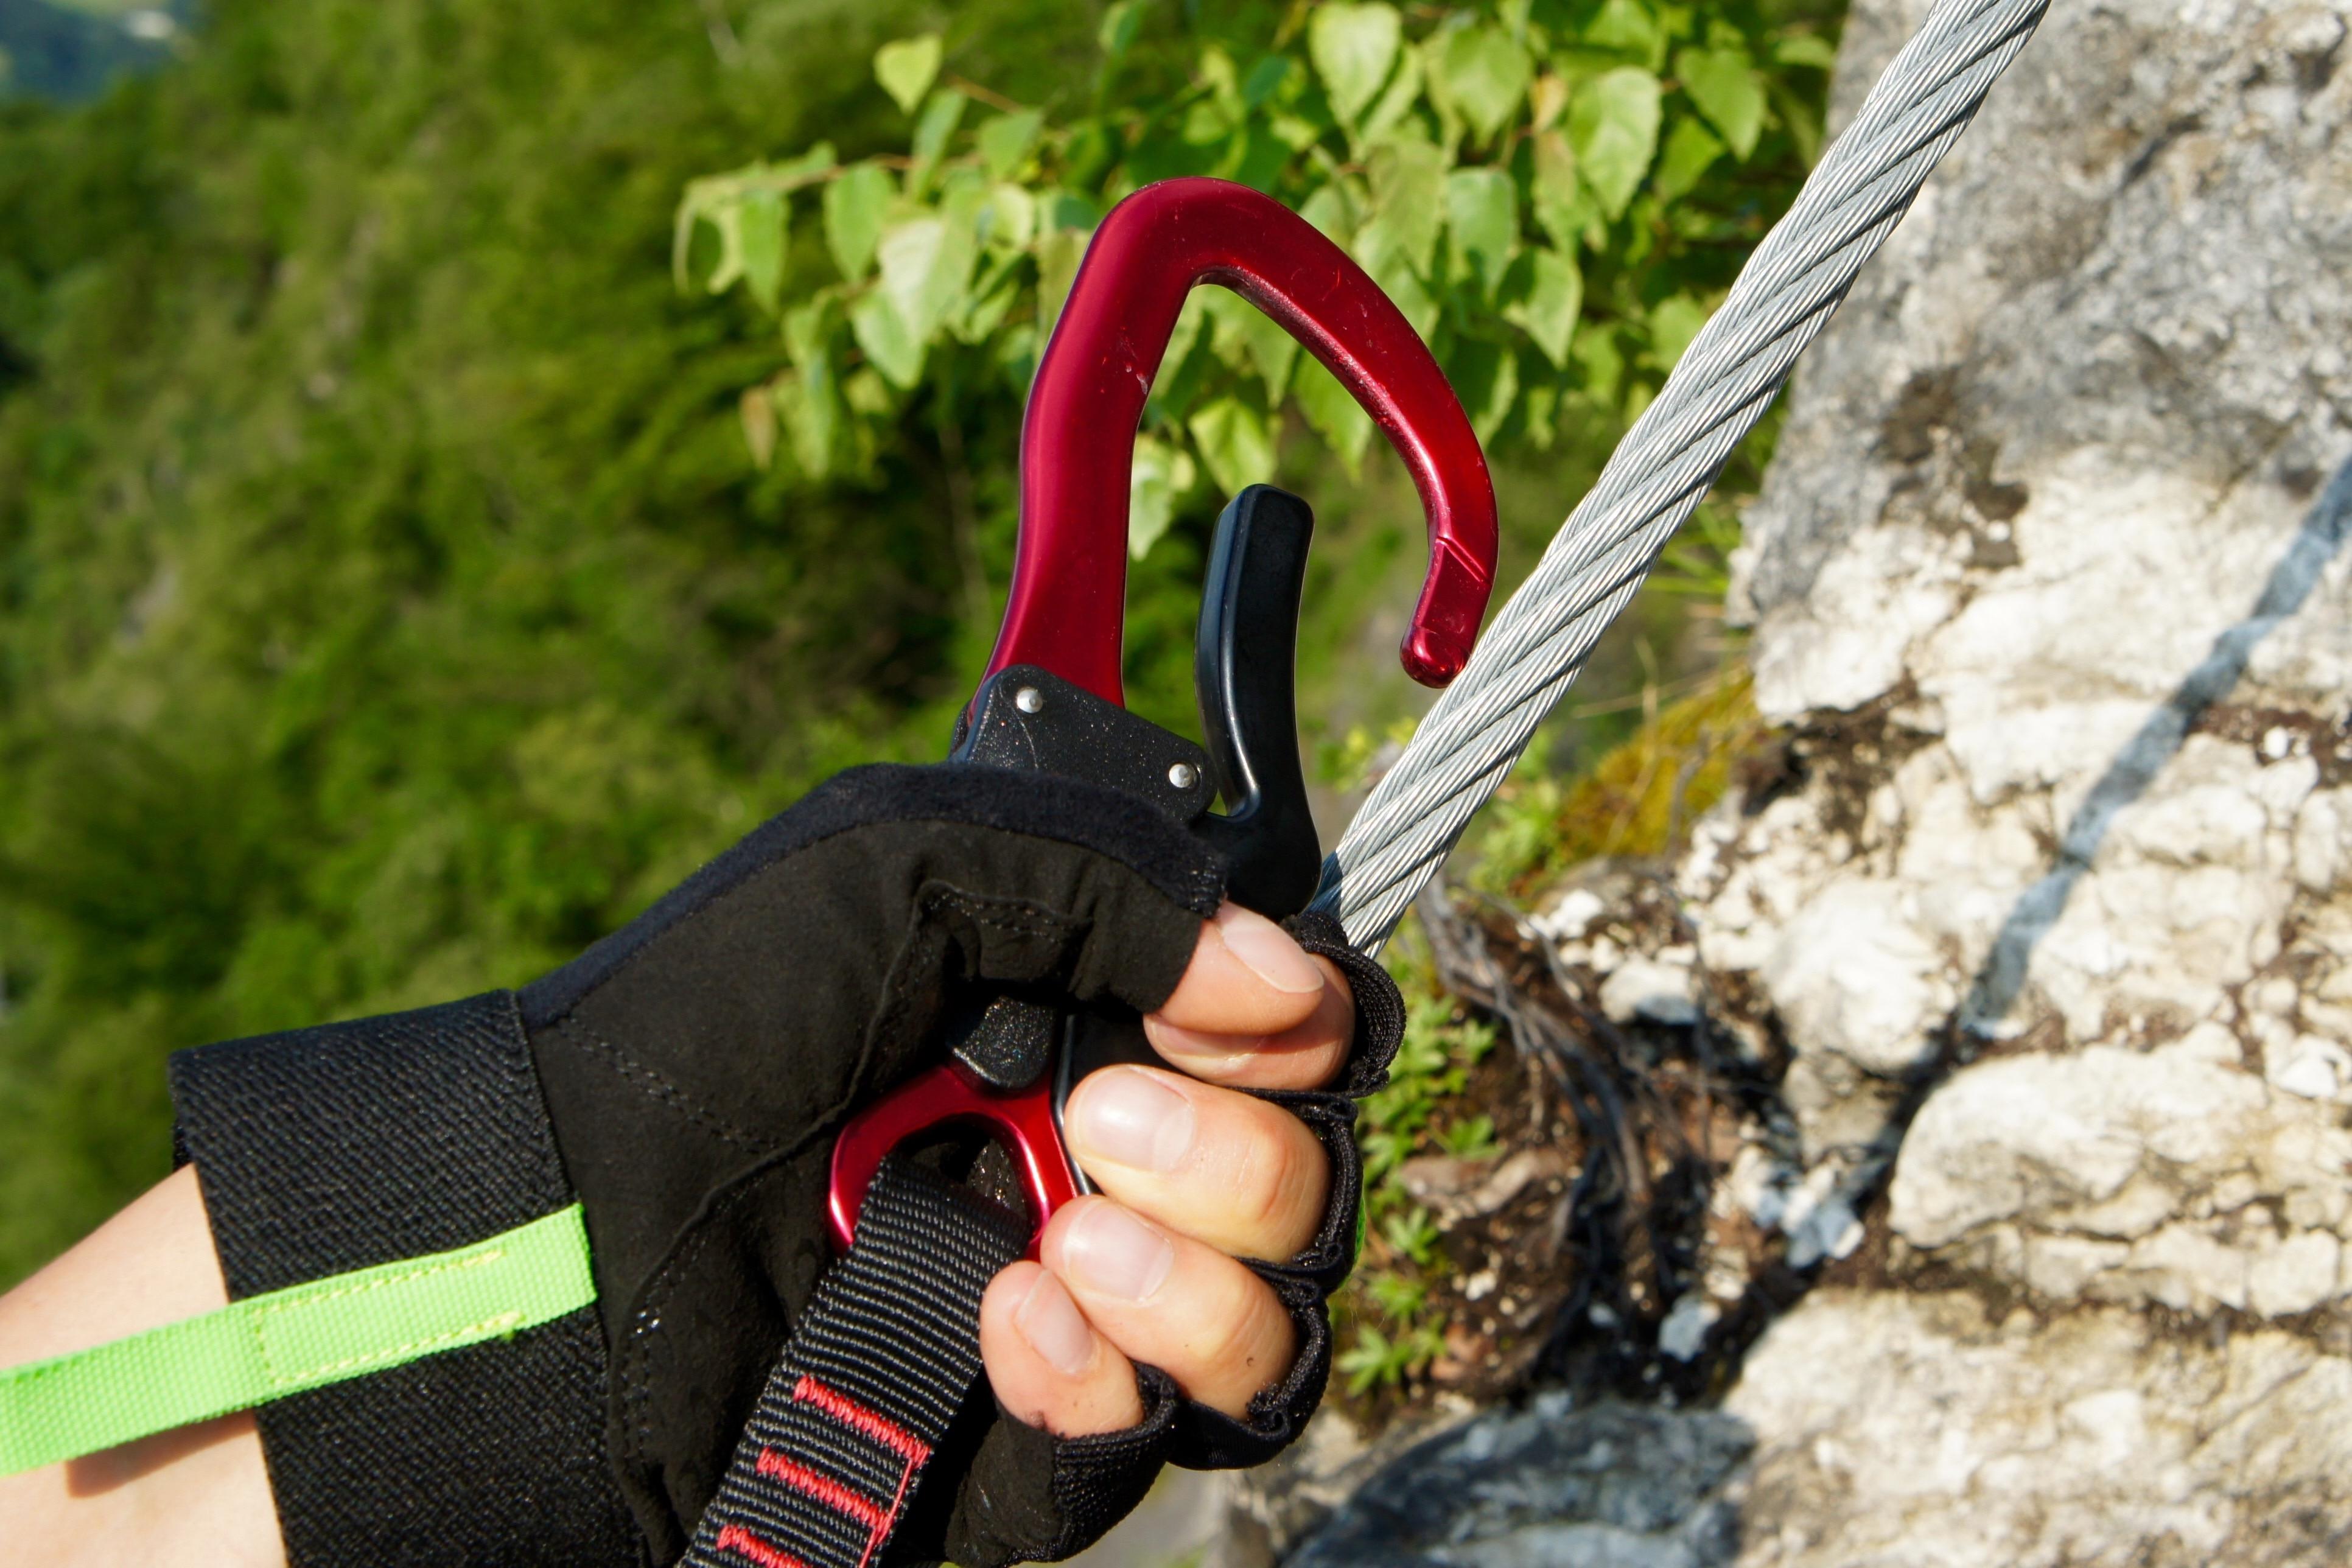 Klettergurt Für Halle Und Klettersteig : Klettergurte allround modelle im test